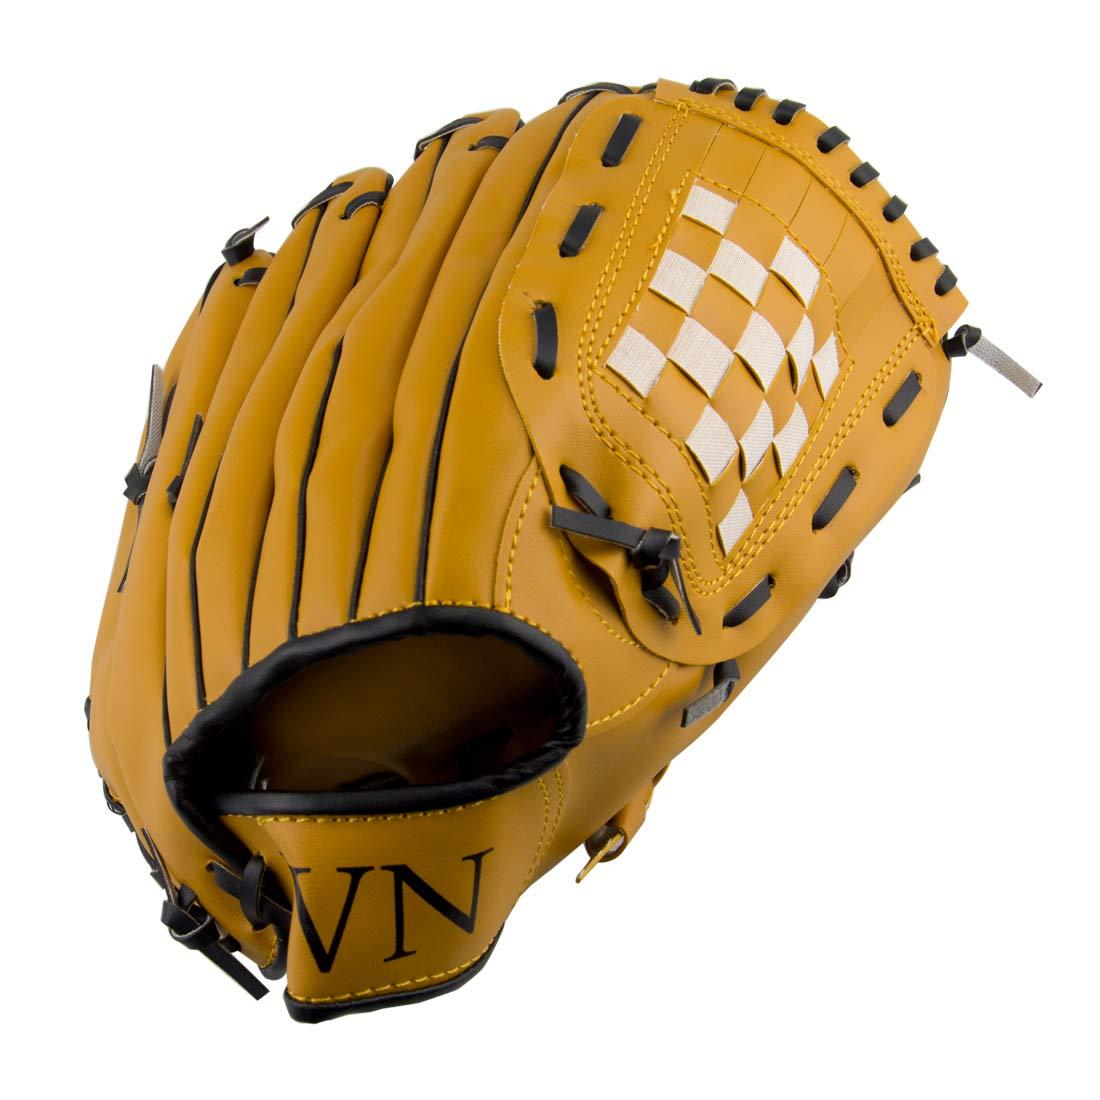 【初回限定お試し価格】 Batting Gloves Softball Youth, Baseball Catcher 27cm Mitt, Baseball Leather Softball Glove PVC Leather Gamer Glove 27cm Kids Training Practise B07GGW81L9, 京の源氏蔵:6e096e27 --- a0267596.xsph.ru